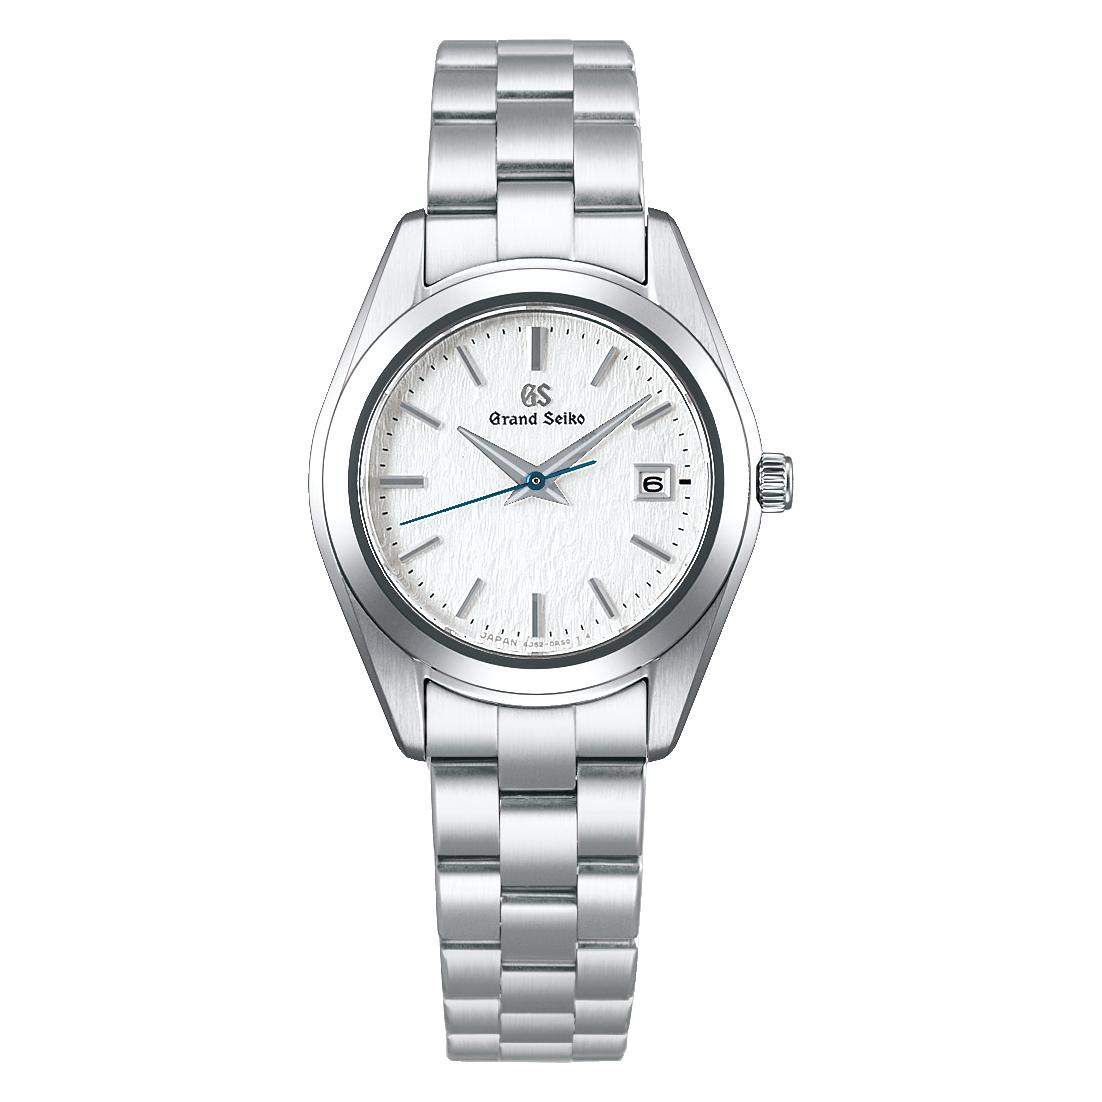 Grand Seiko STGF359 white dial wristwatch